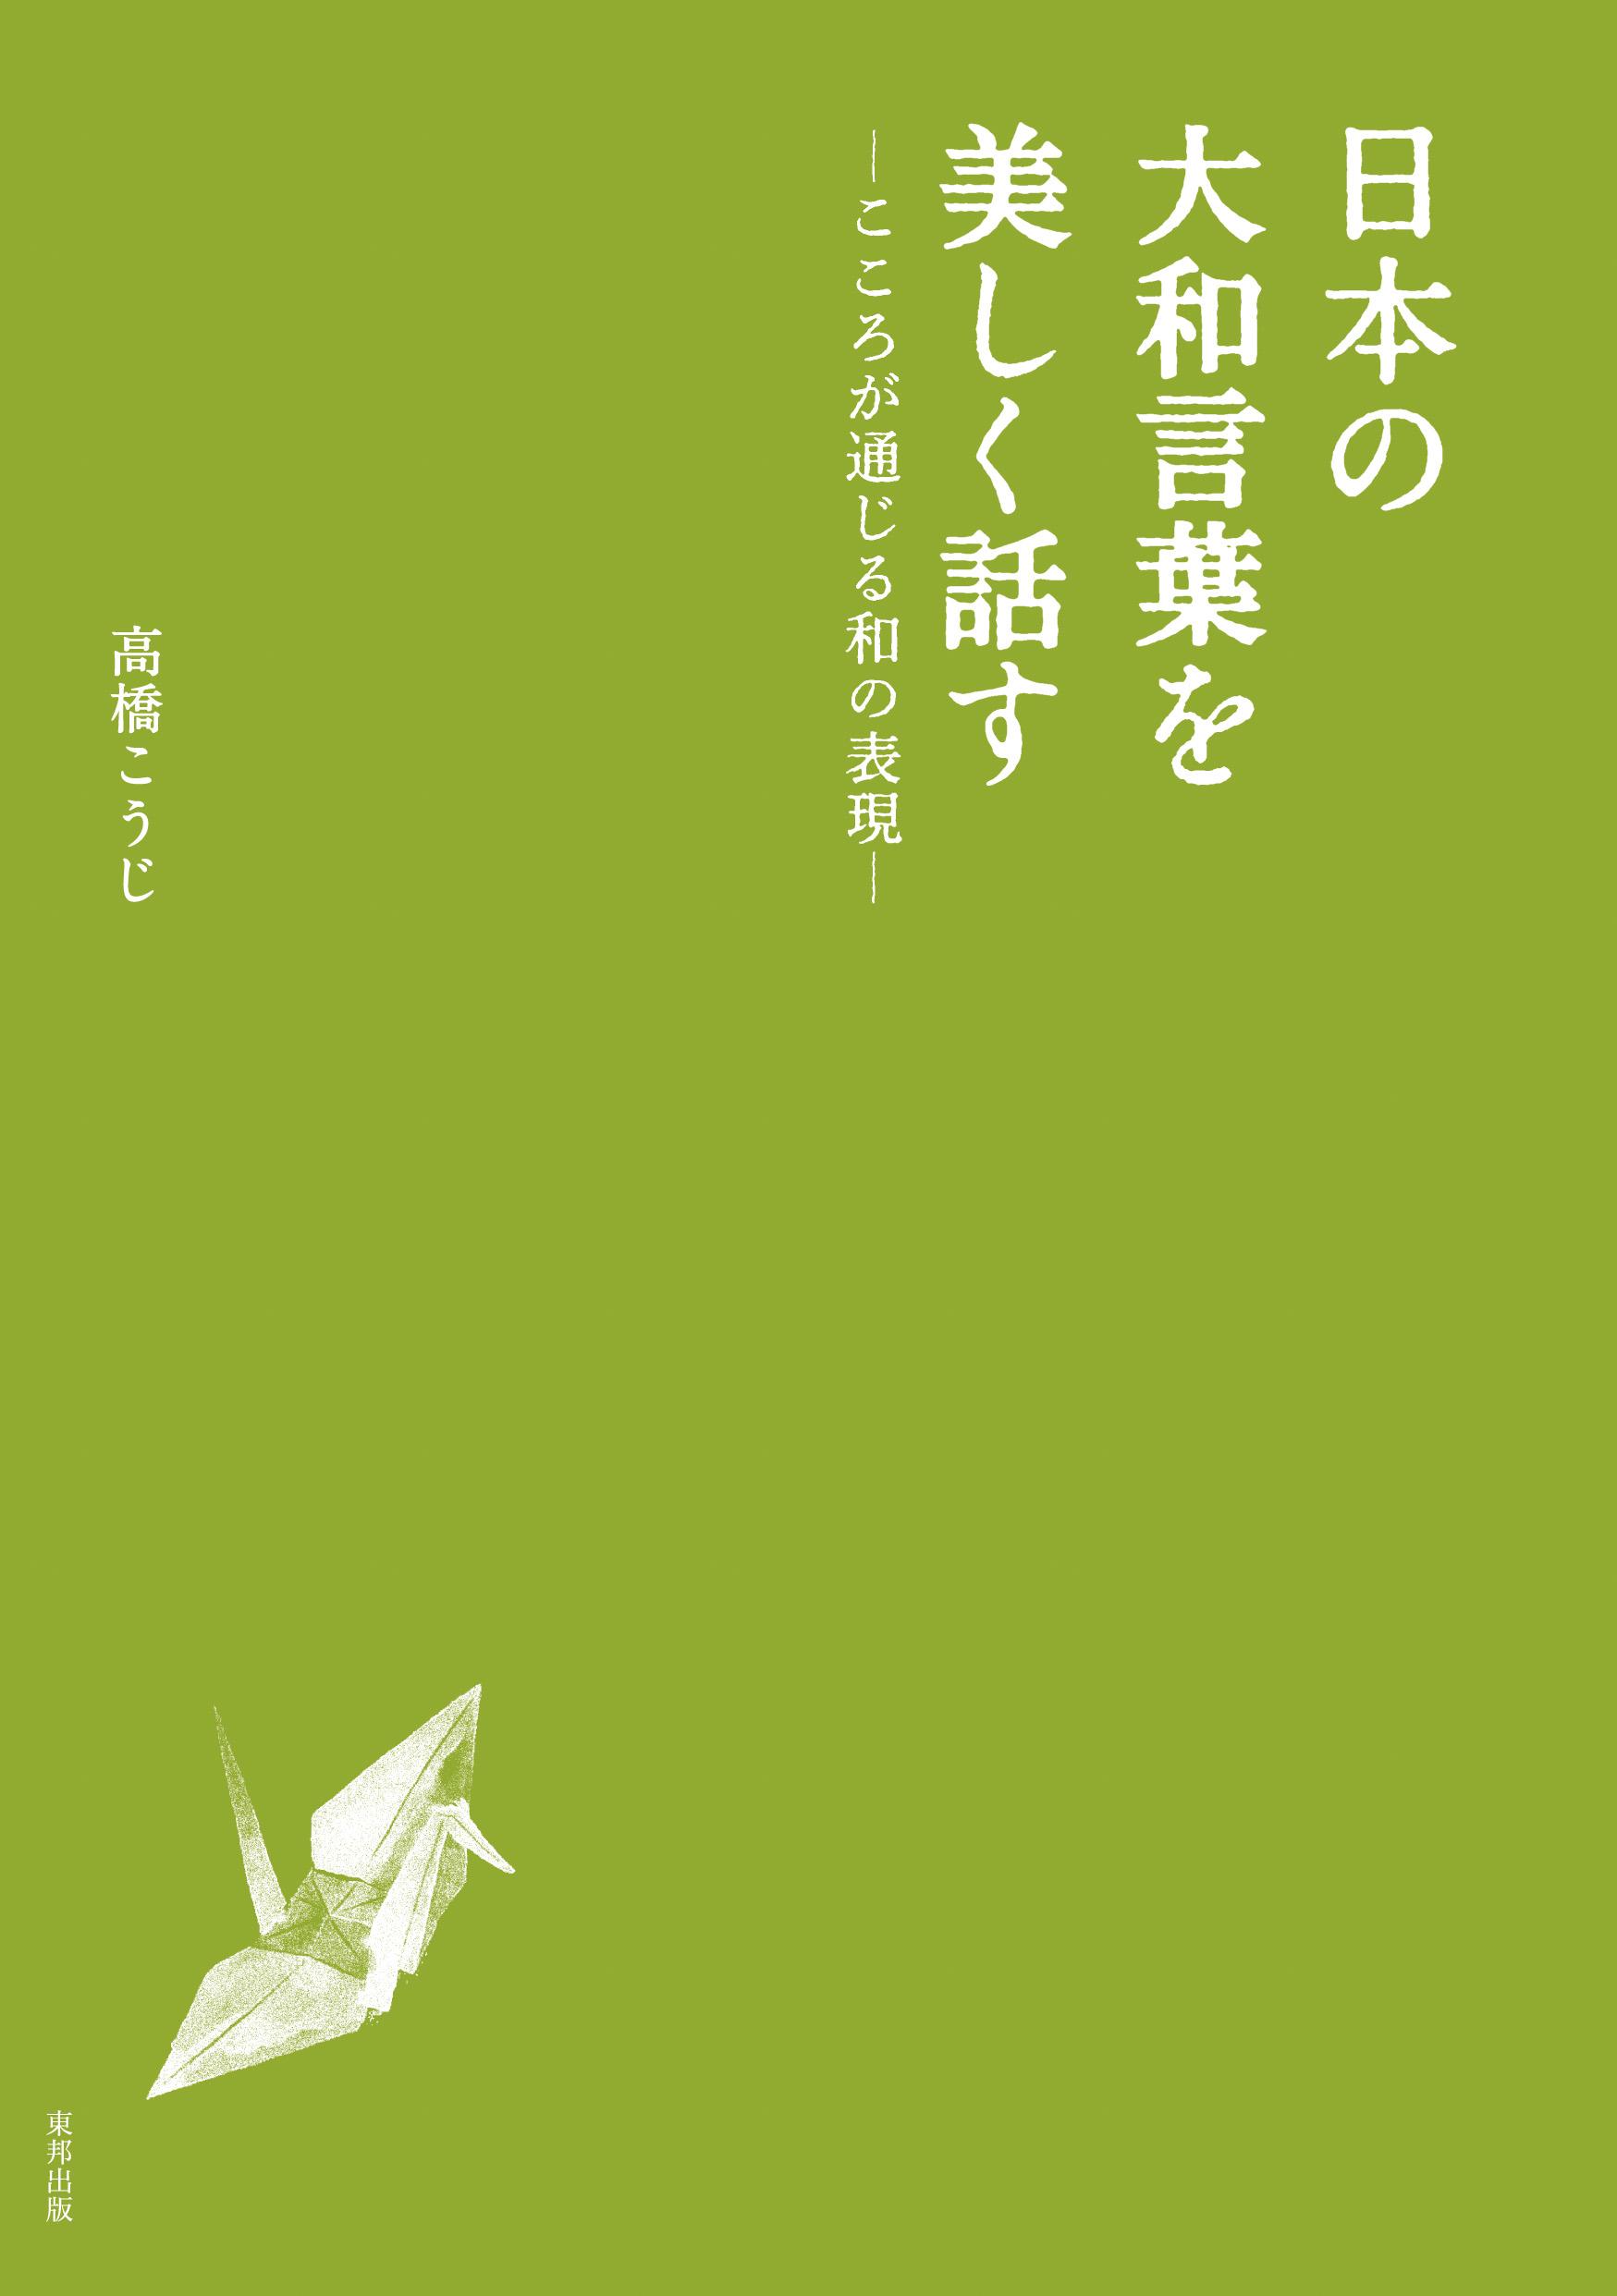 高橋こうじ / 日本の大和言葉を美しく話す―こころが通じる和の表現